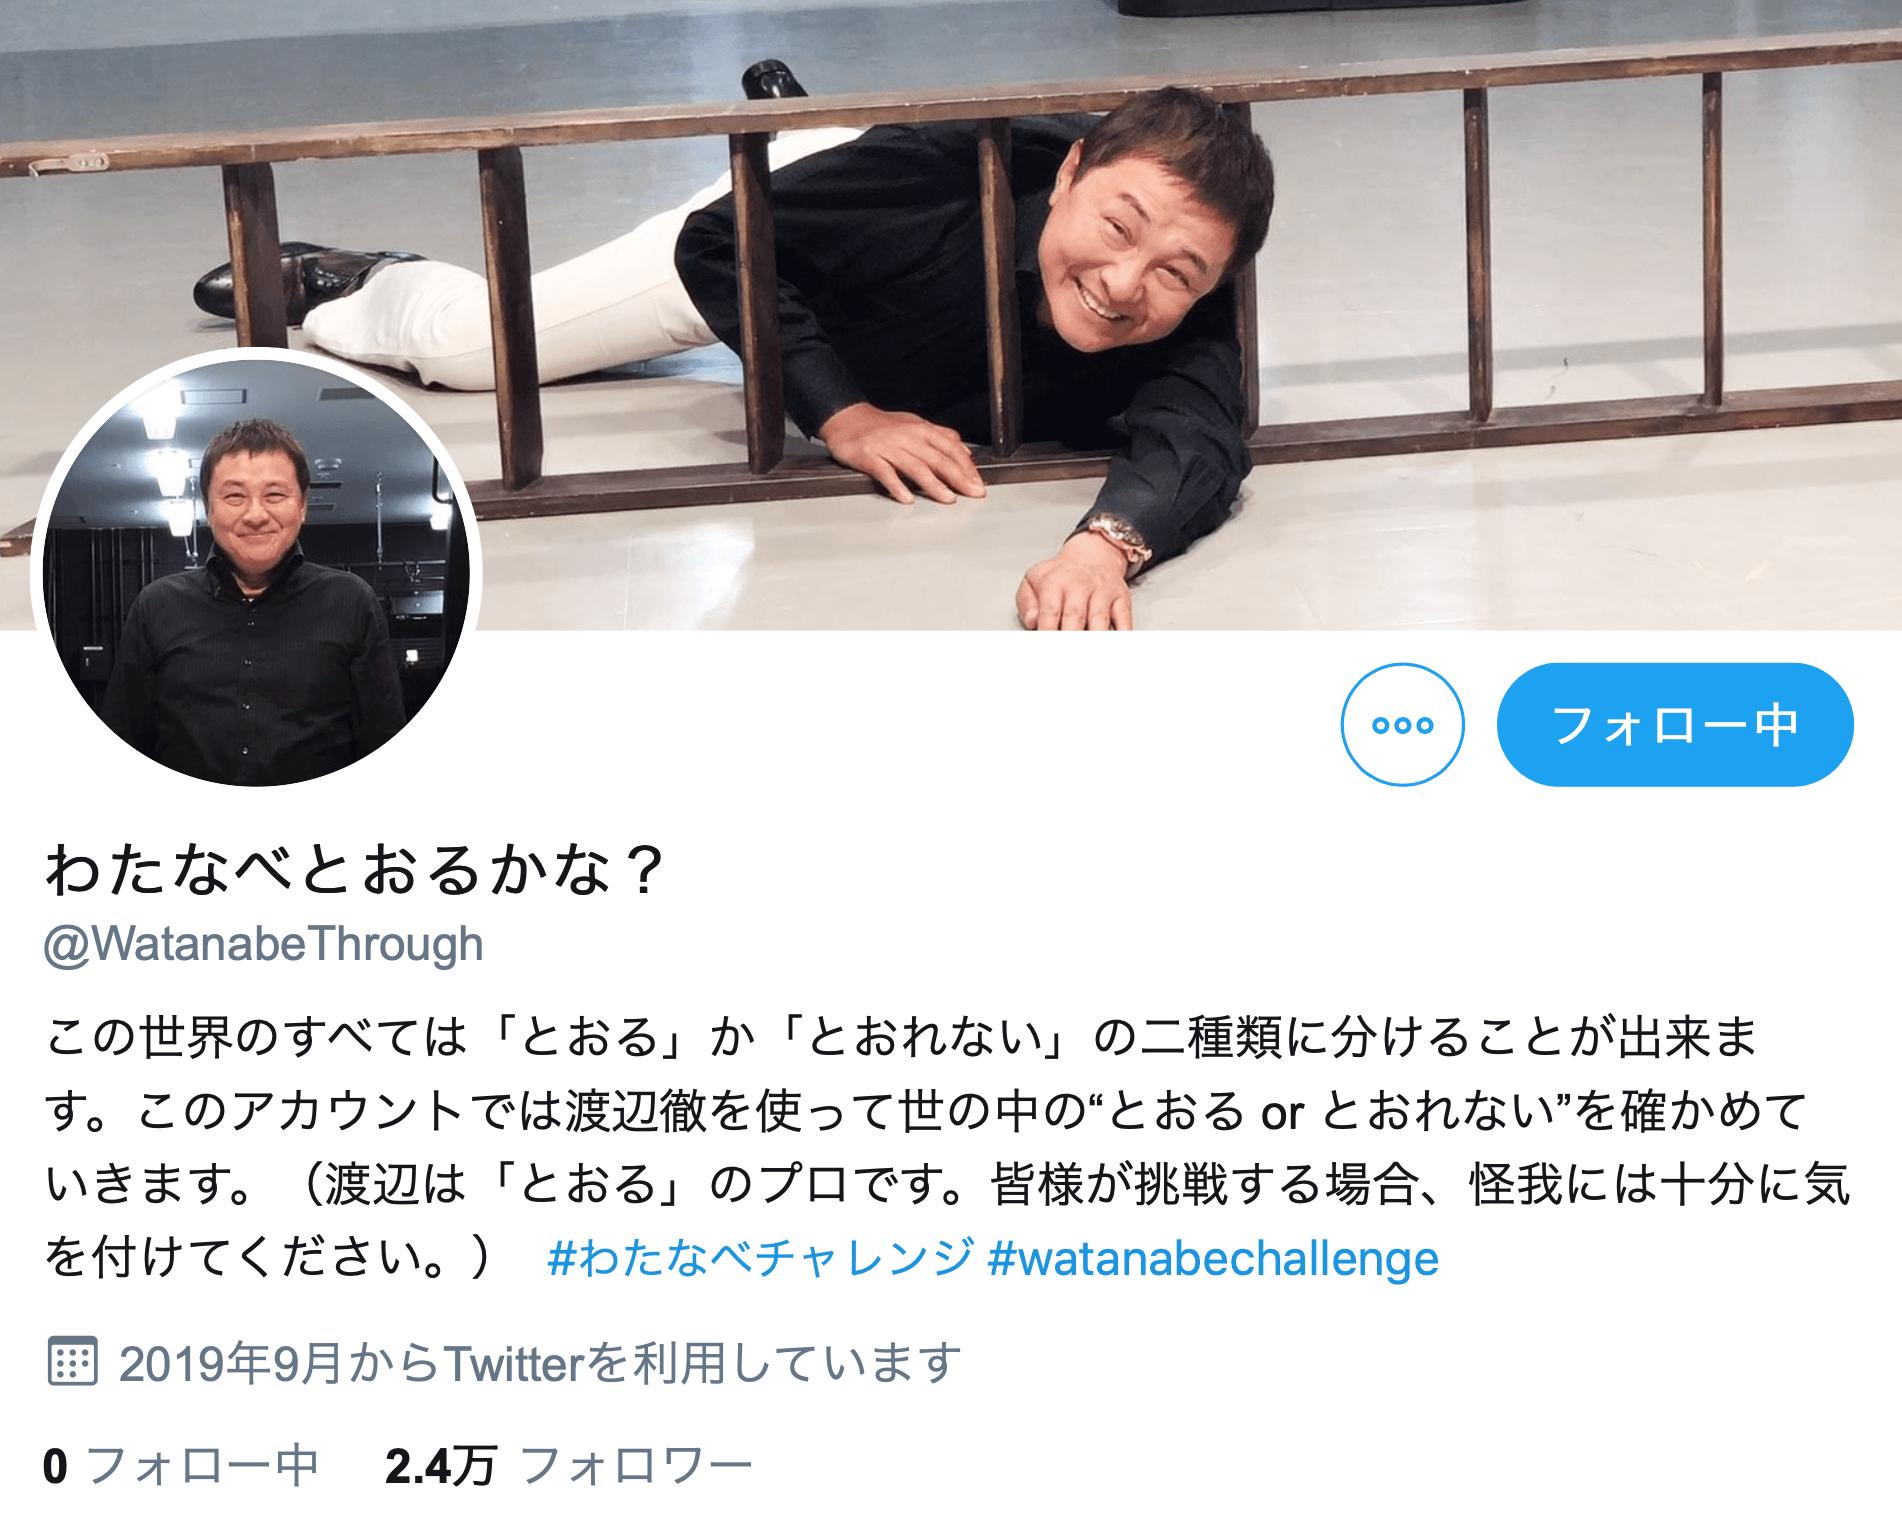 渡辺徹チャレンジ